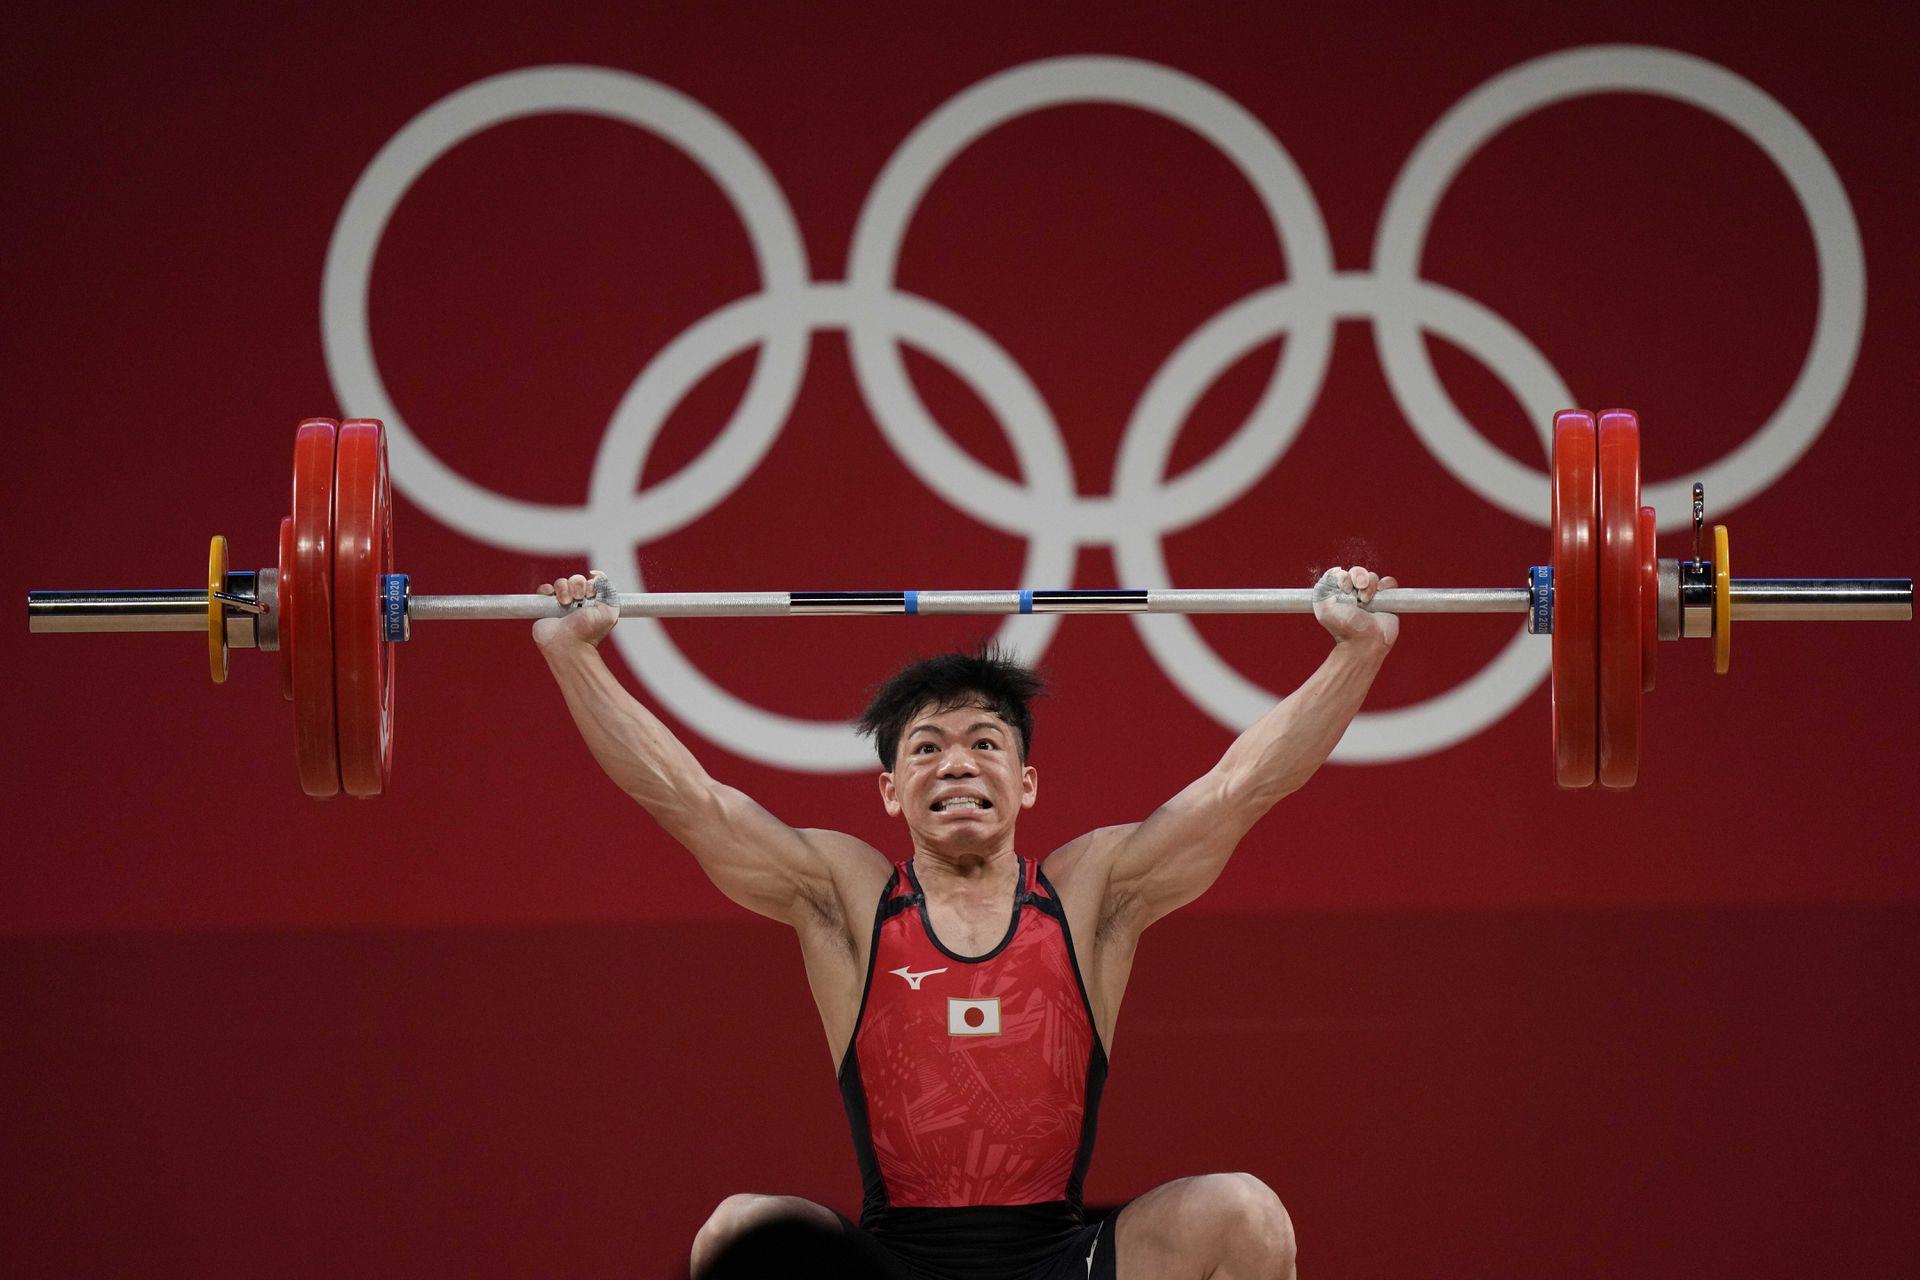 Itokazu Yoichi de Japón compite en el evento de levantamiento de pesas masculino de 61 kg, en los Juegos Olímpicos de Verano de 2020, el domingo 25 de julio de 2021, en Tokio, Japón.